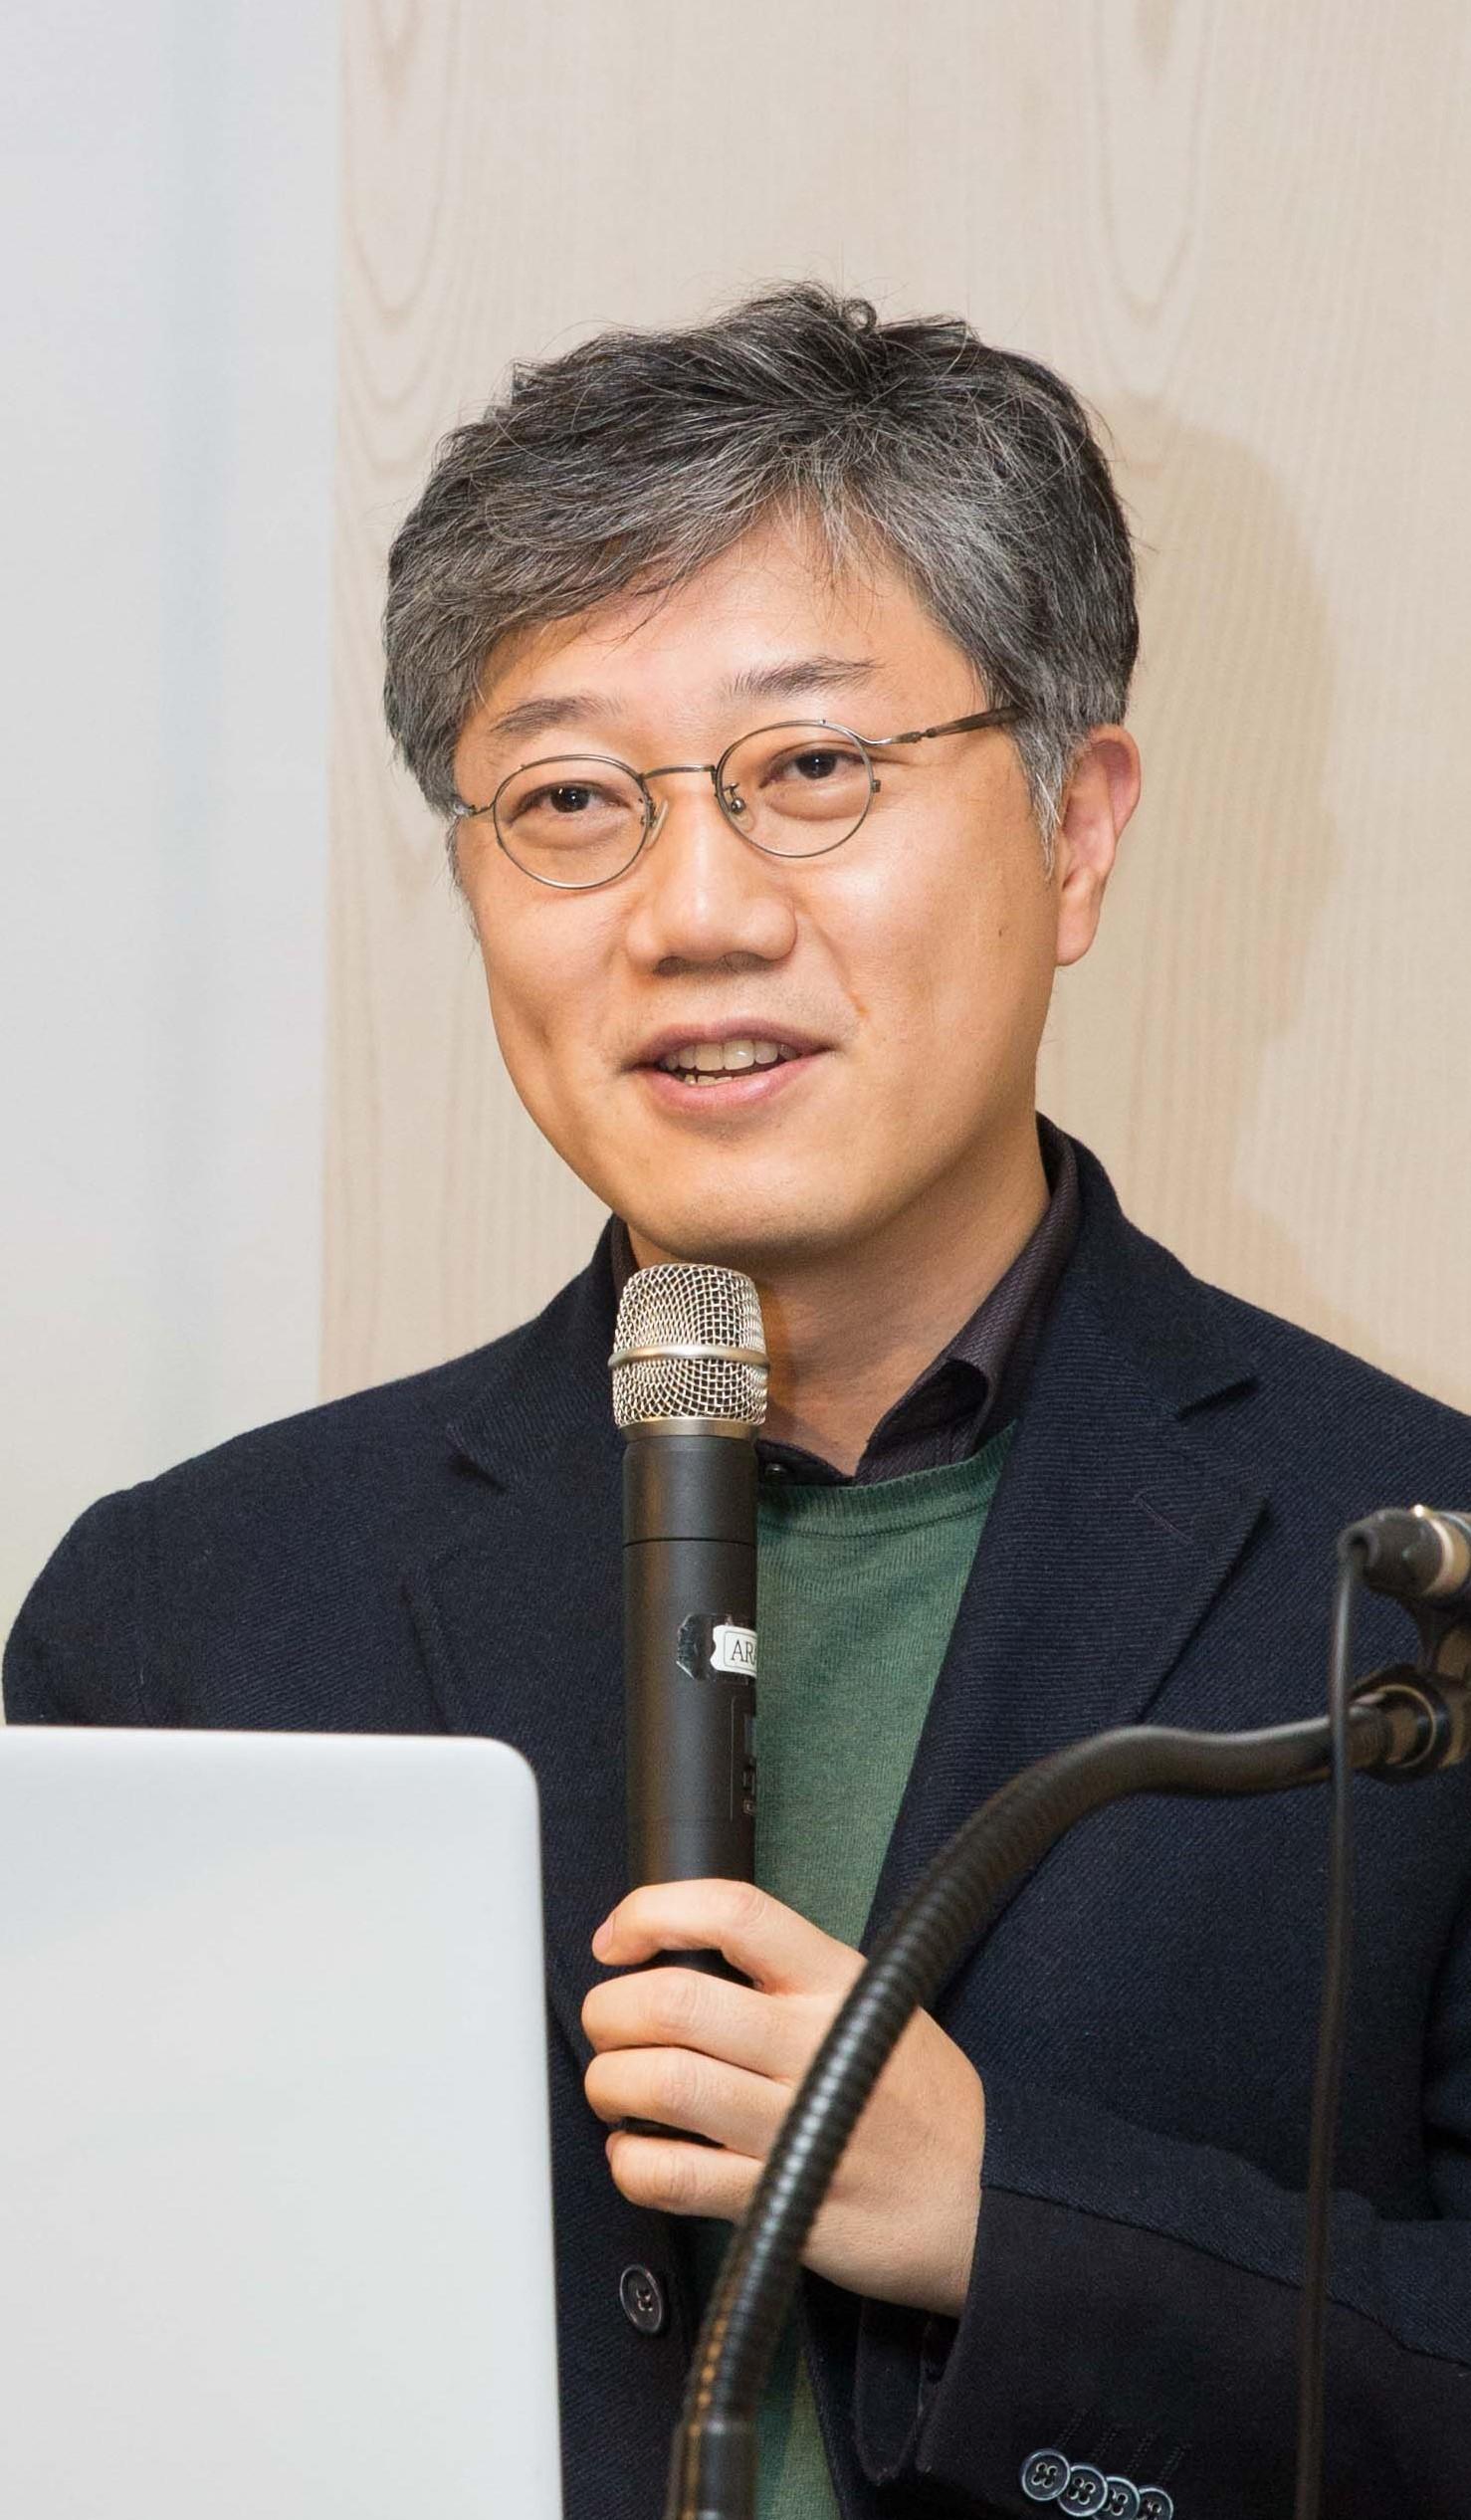 조재형 교수(서울성모병원 내분비내과)